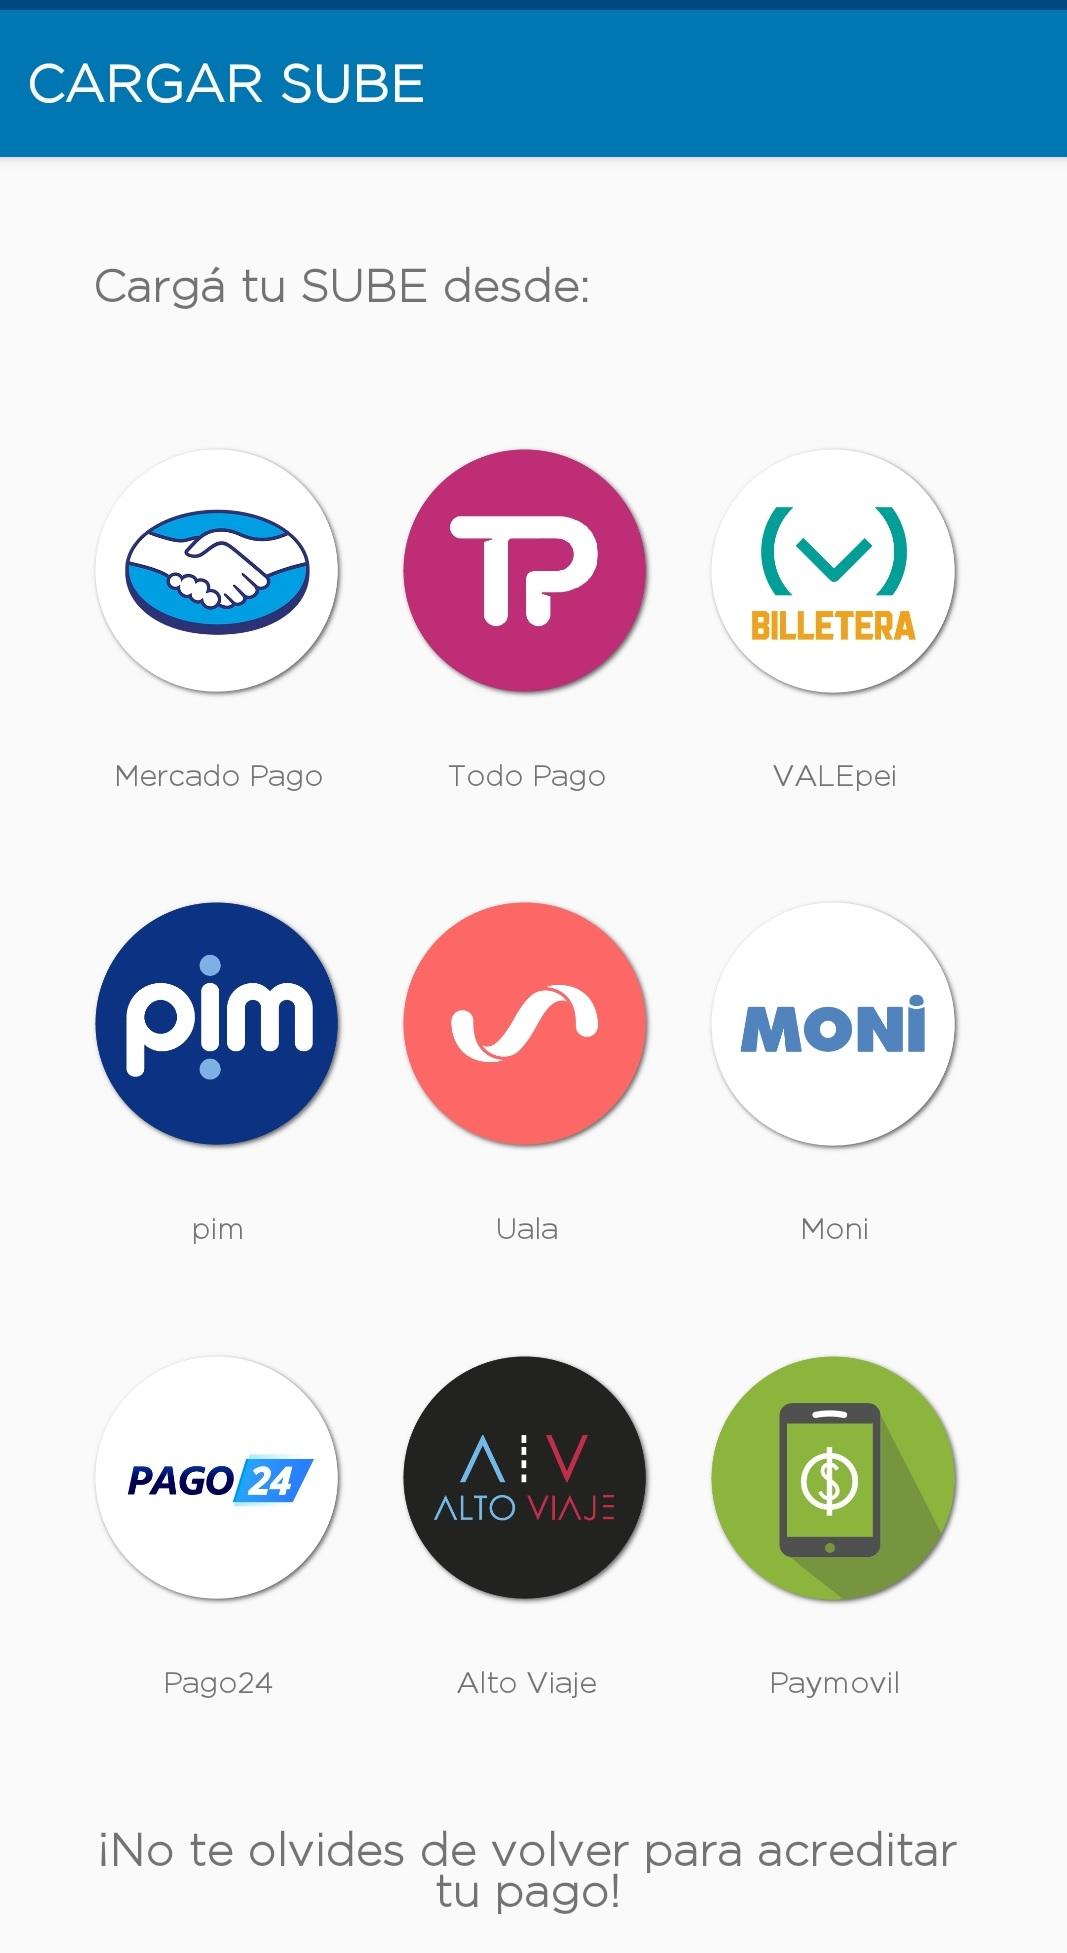 Dentro de la app se debe seleccionar la plataforma de pago que el usuario tenga habilitada.